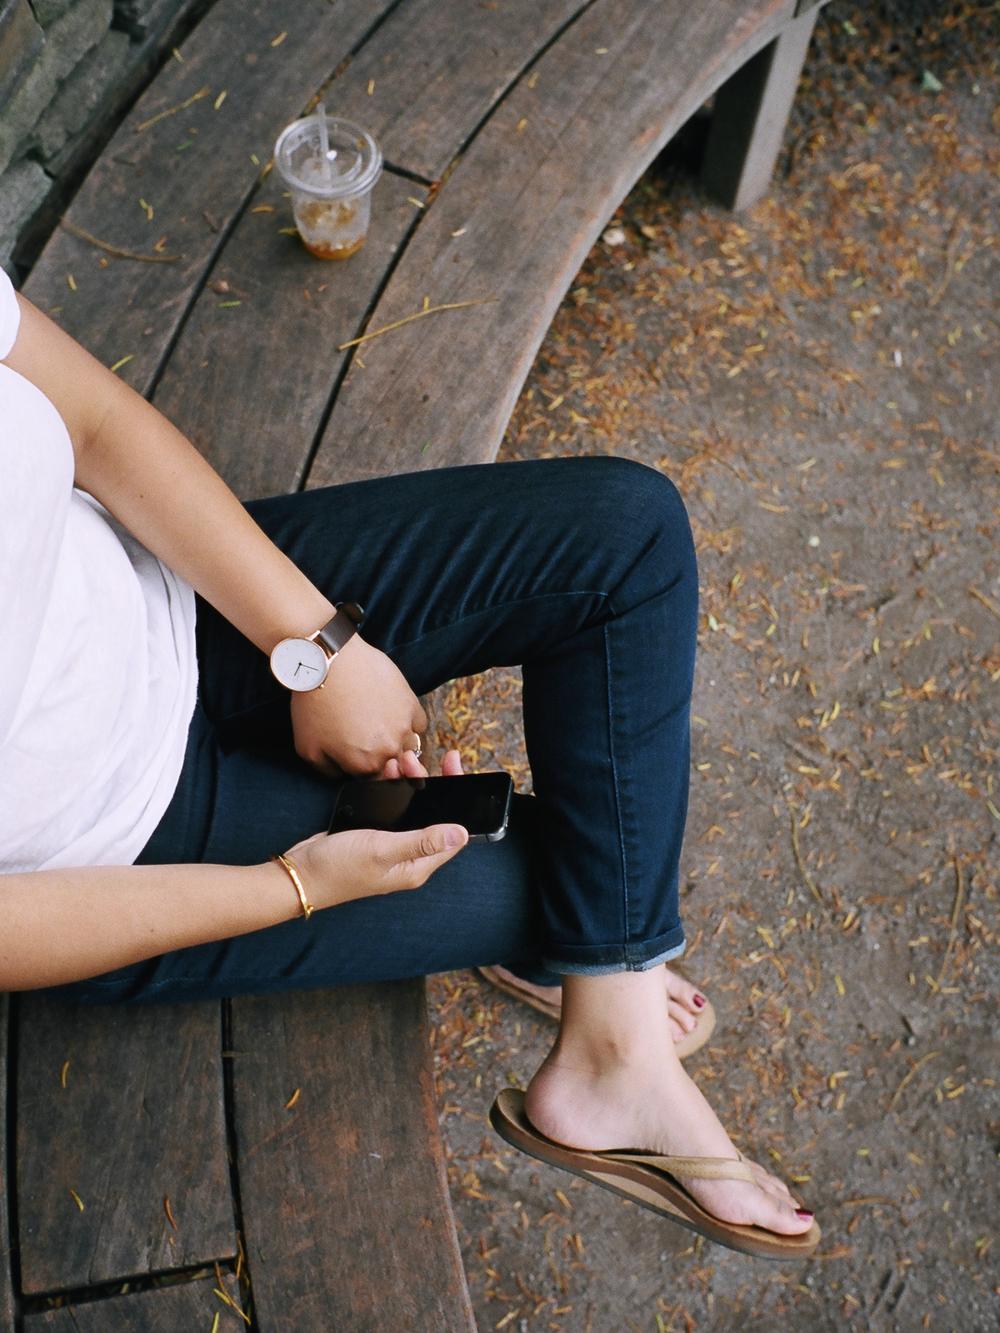 LeicaM6_Portra400-268.jpg